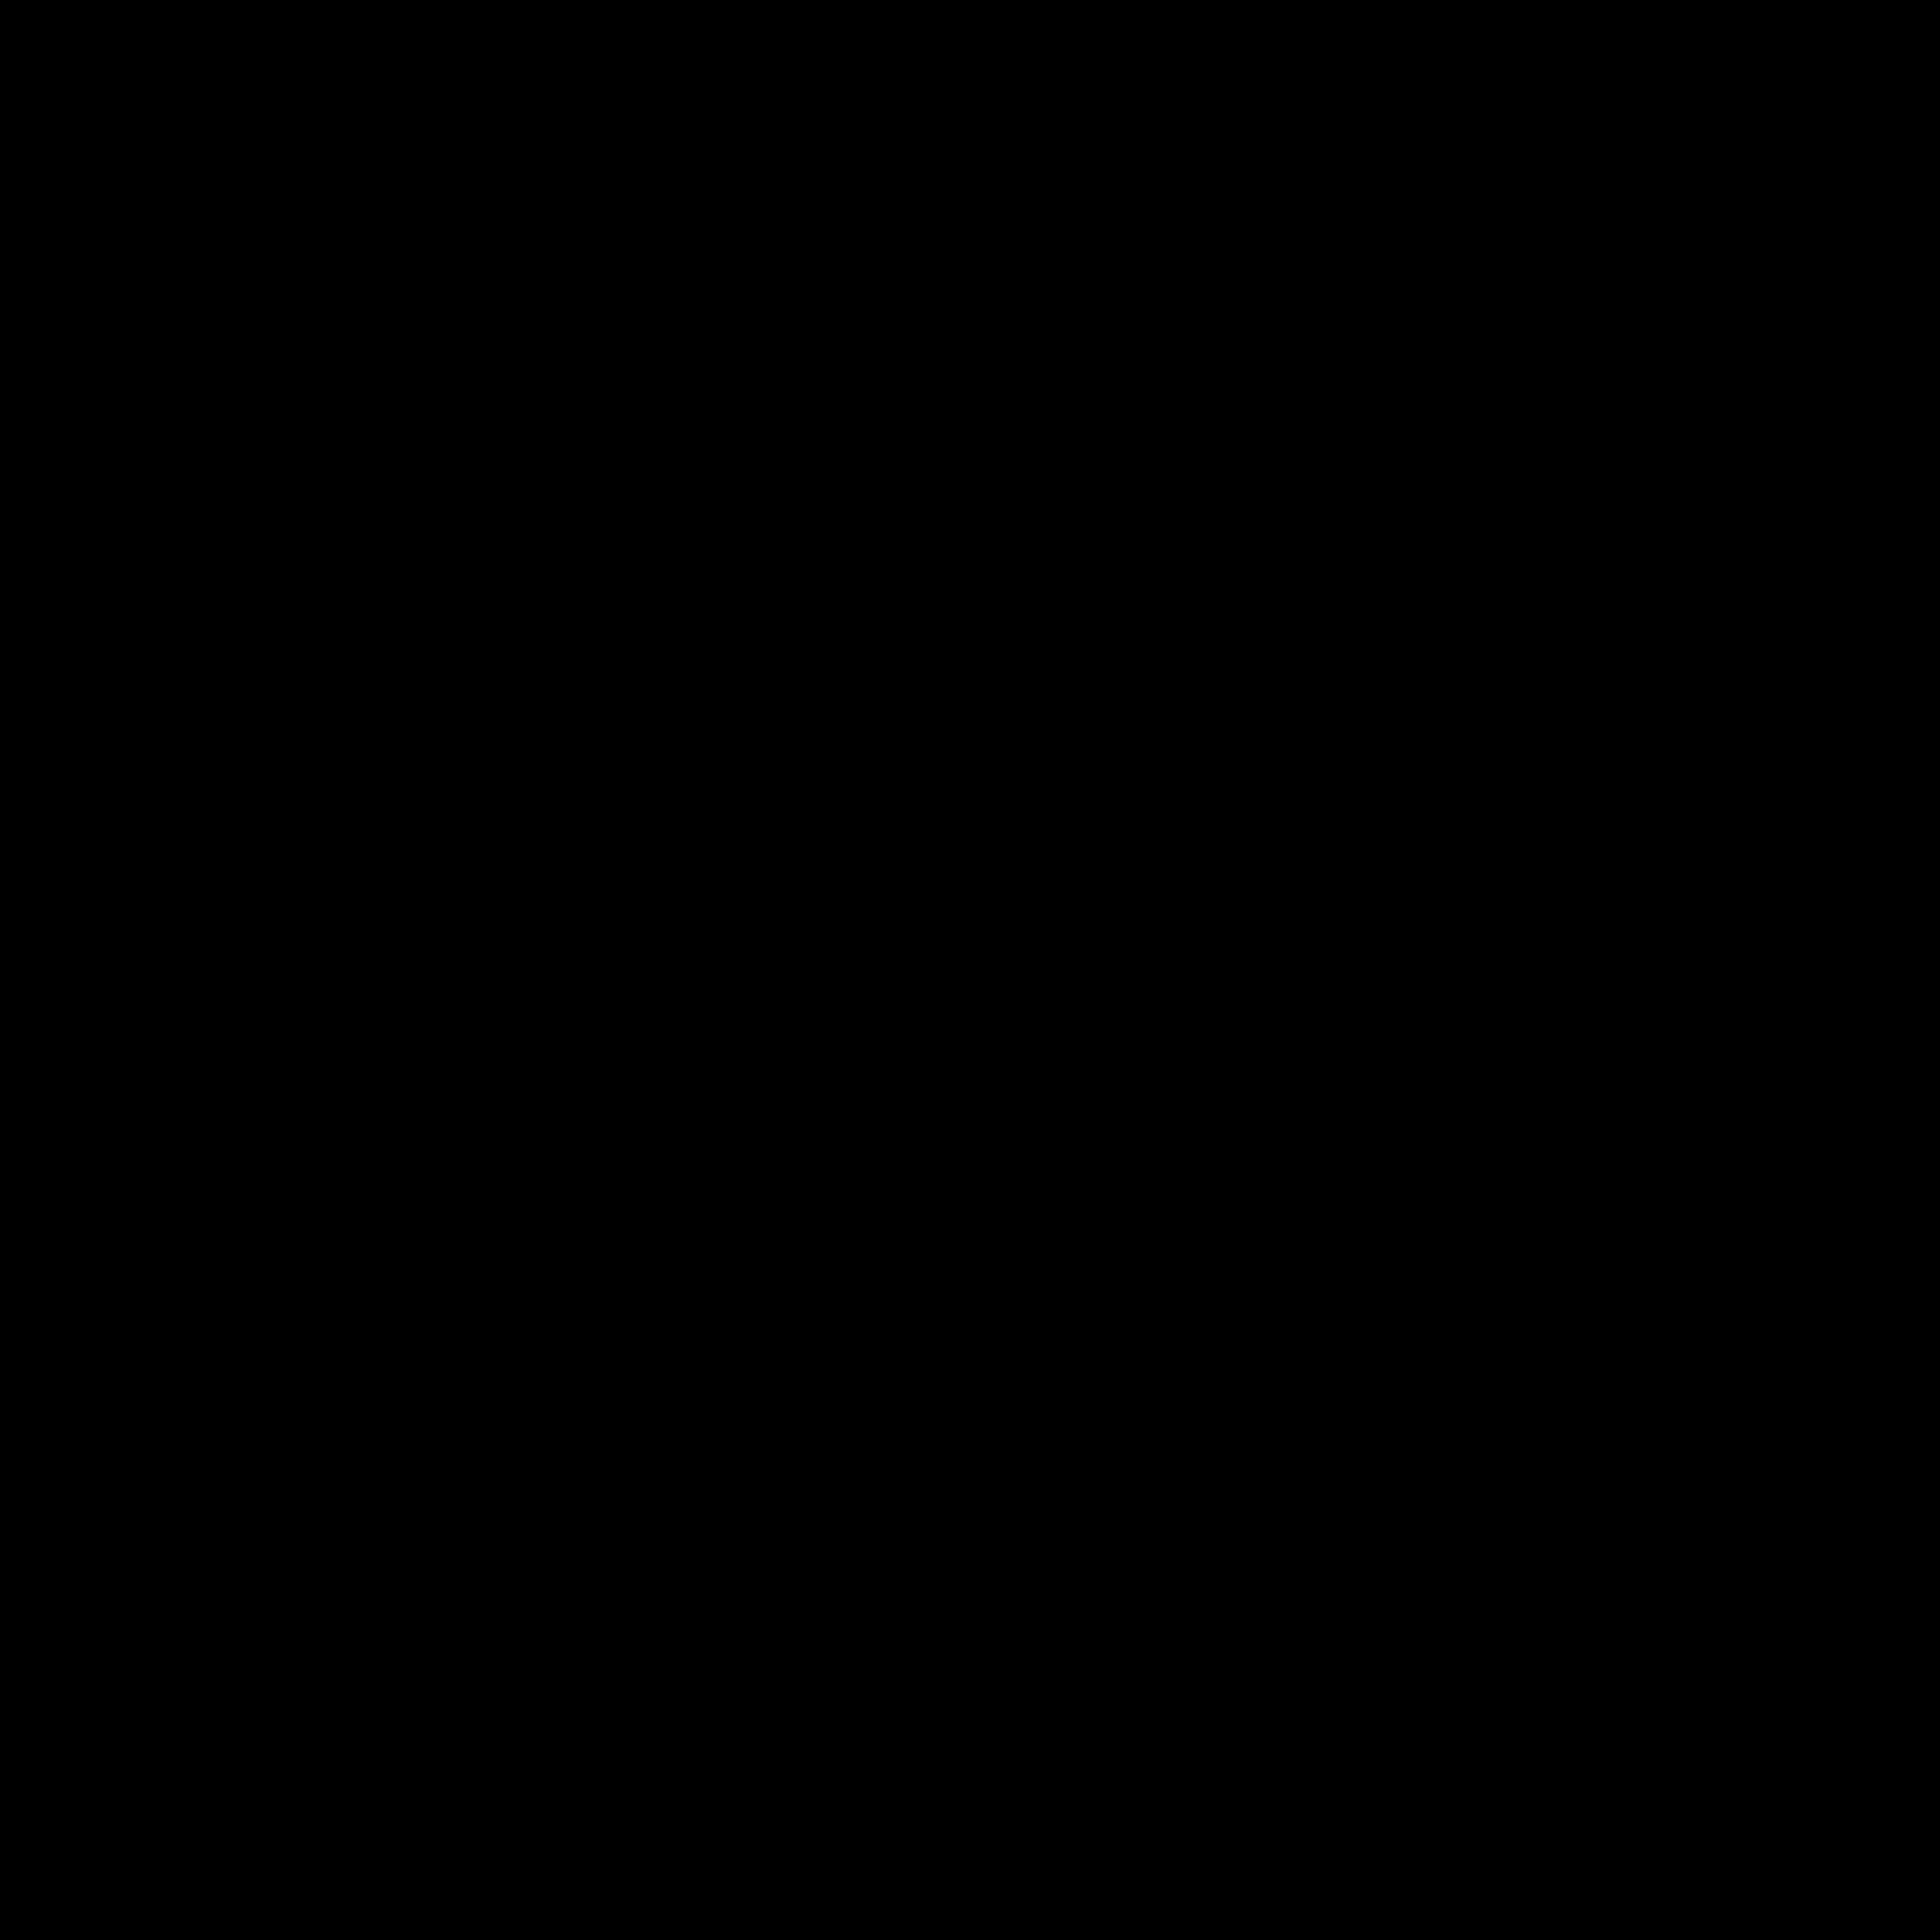 1 Million Startups